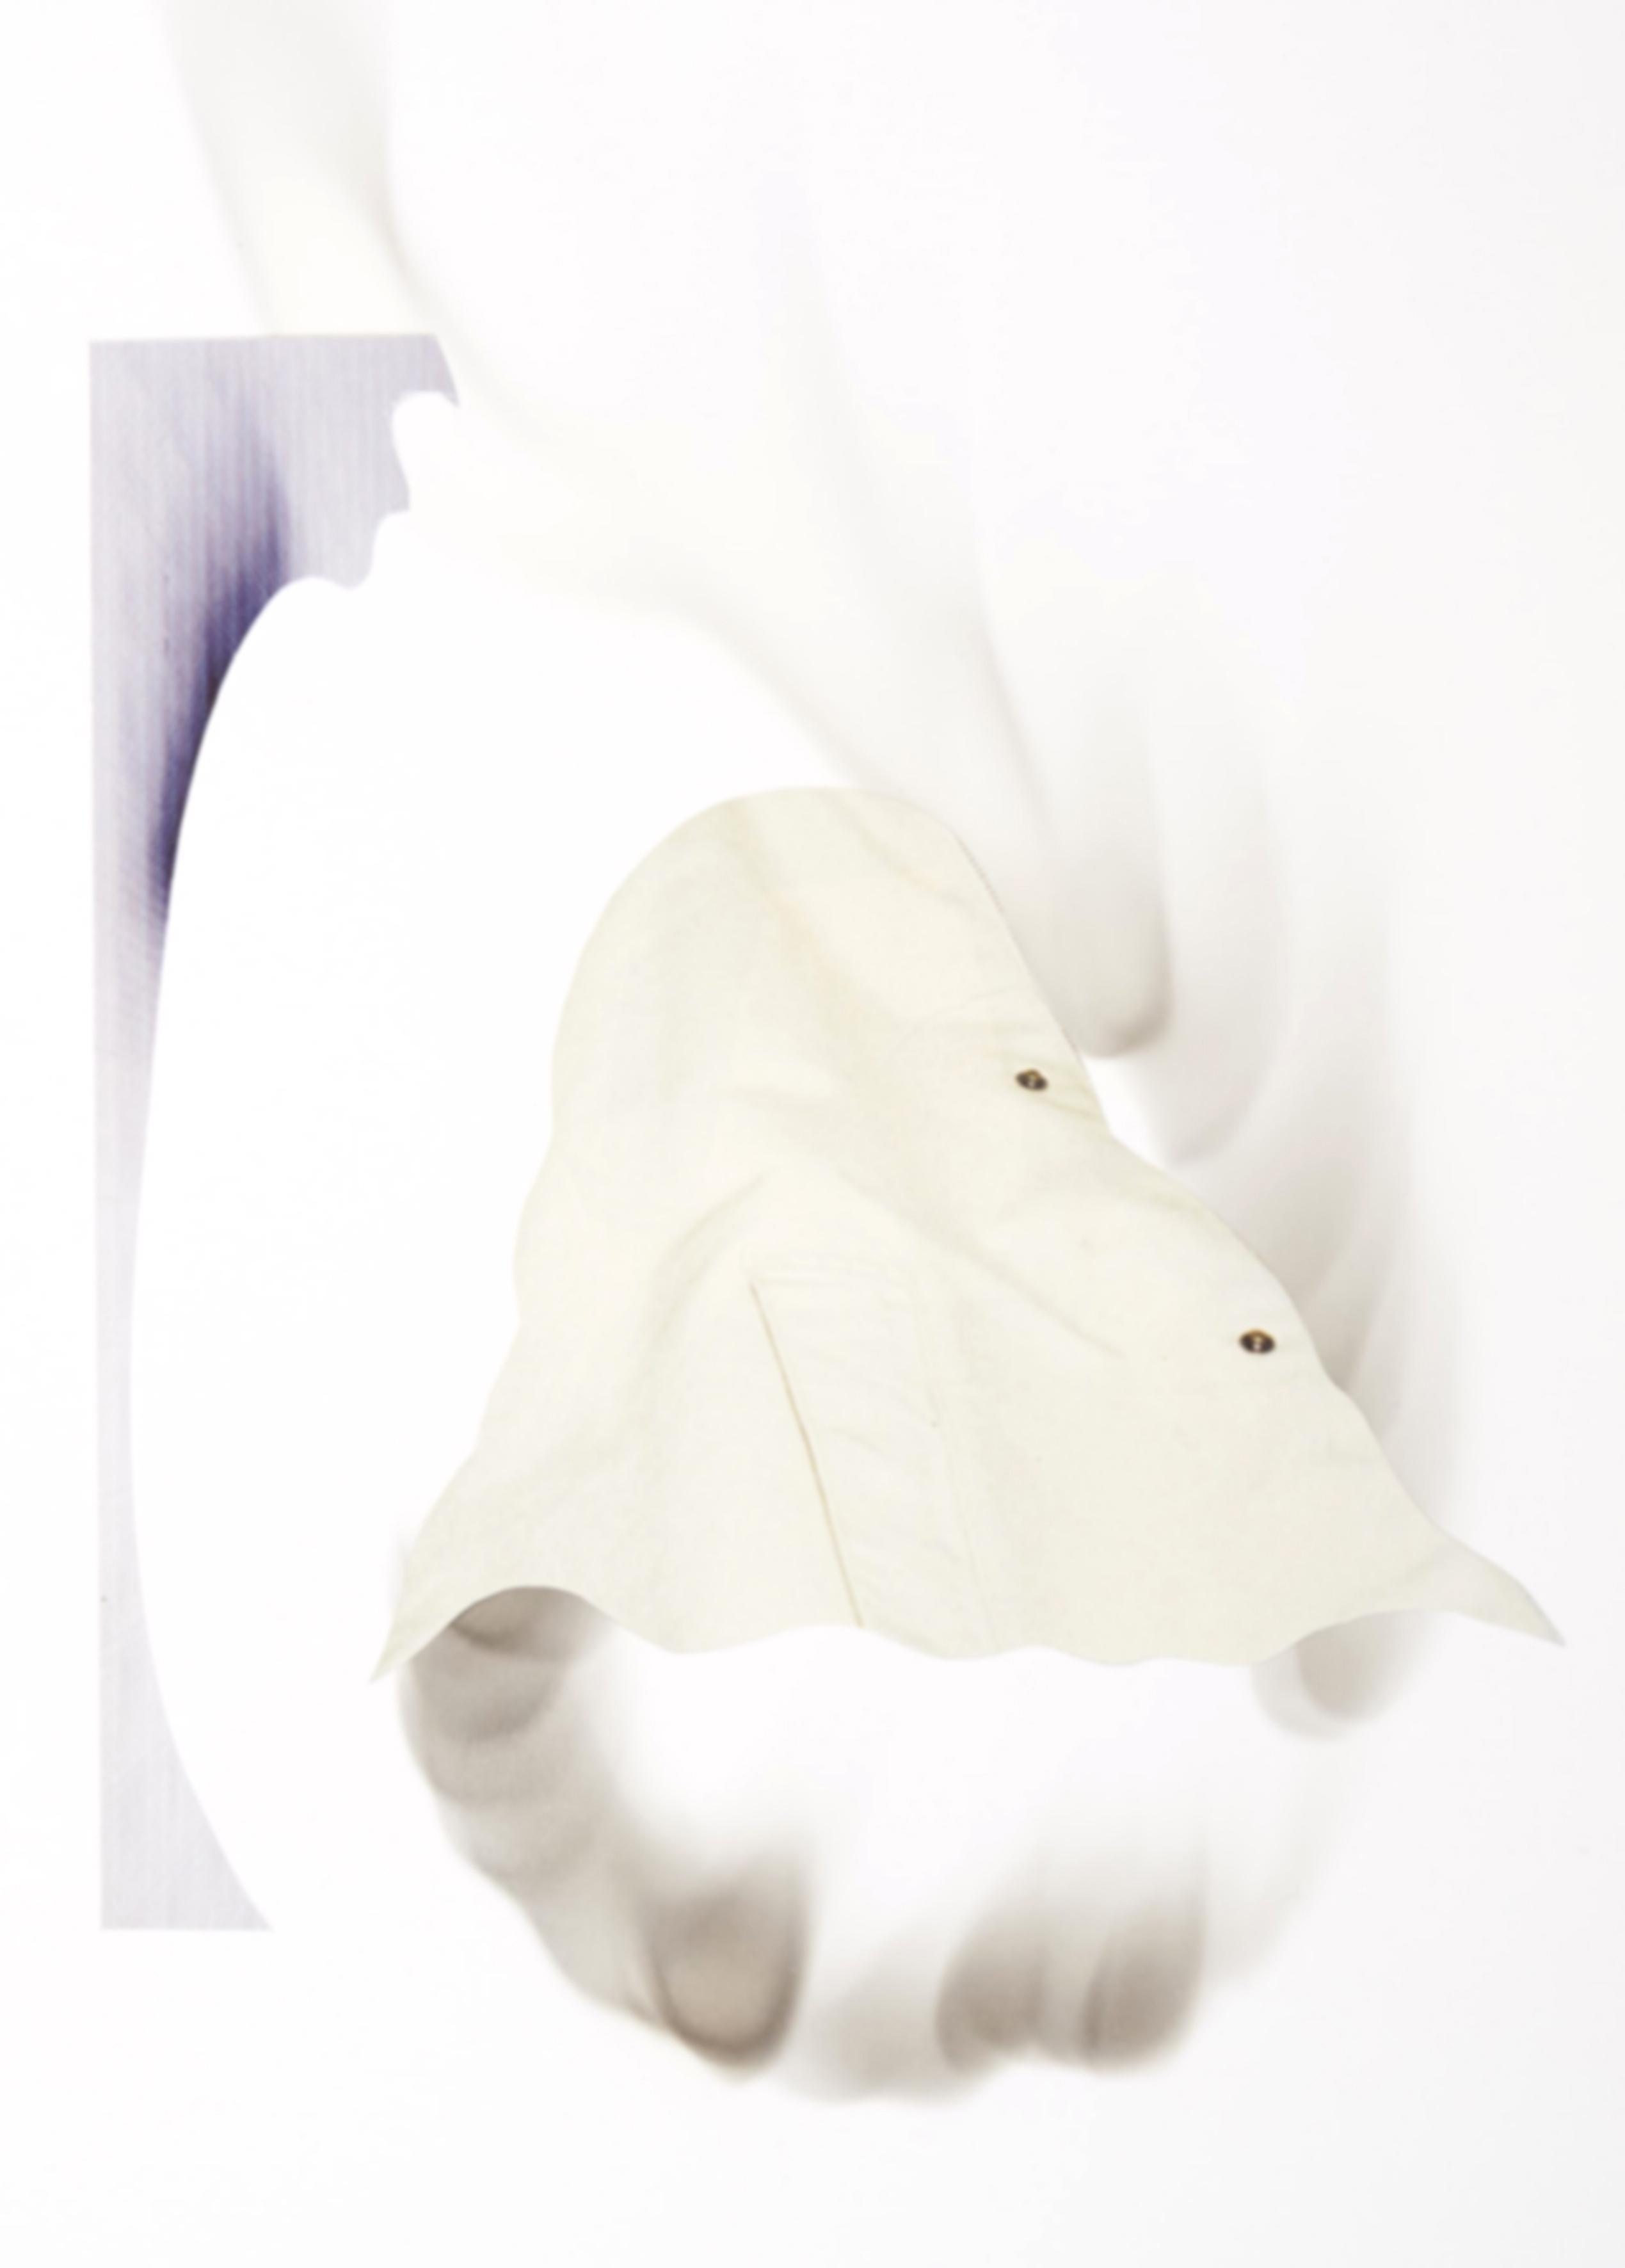 Fantôme Excepetionnel 4 // Collage mit Ruß // 30 x 21 cm // 2018